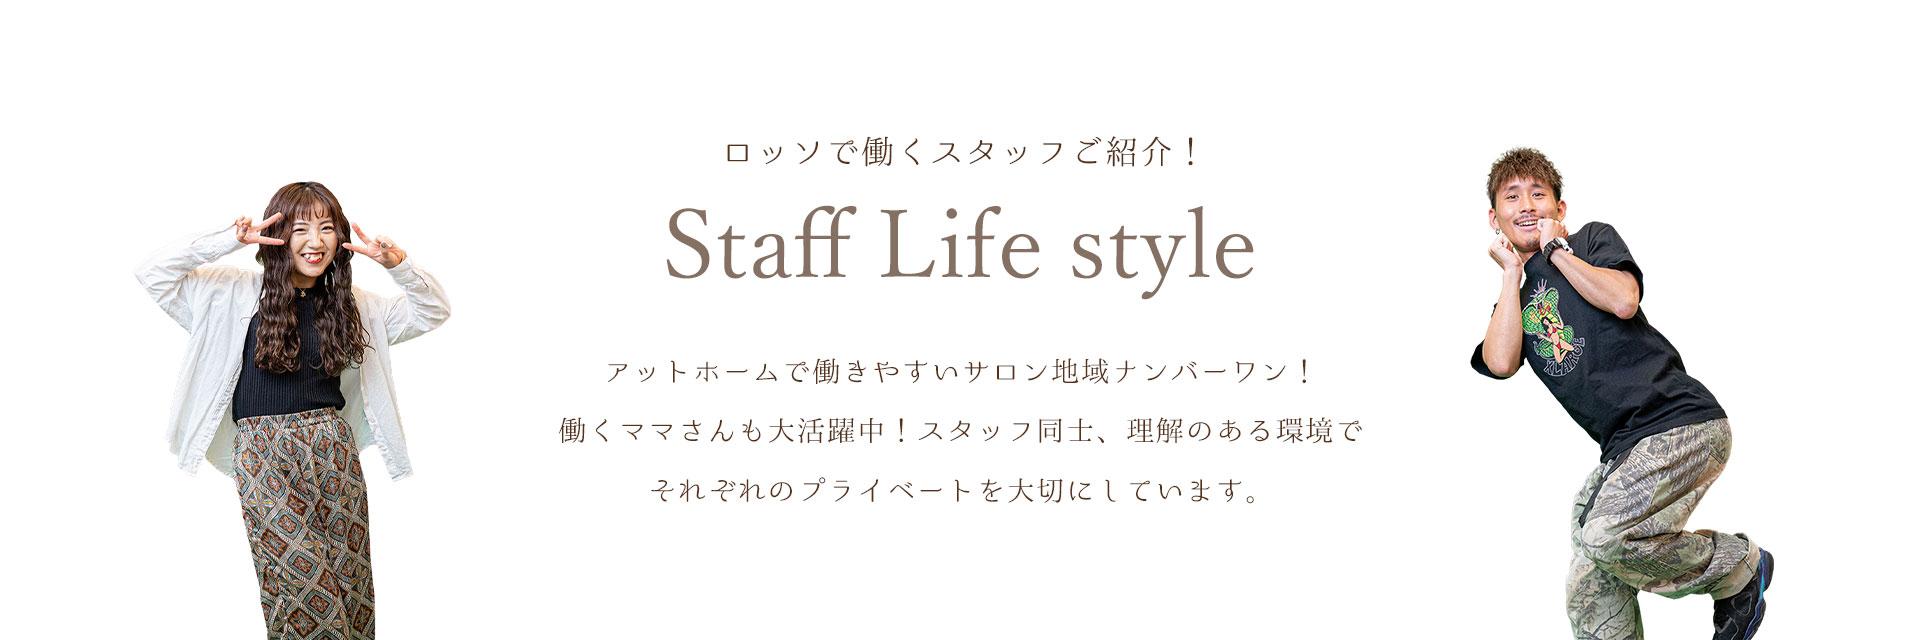 スタッフ紹介 Staff Life style